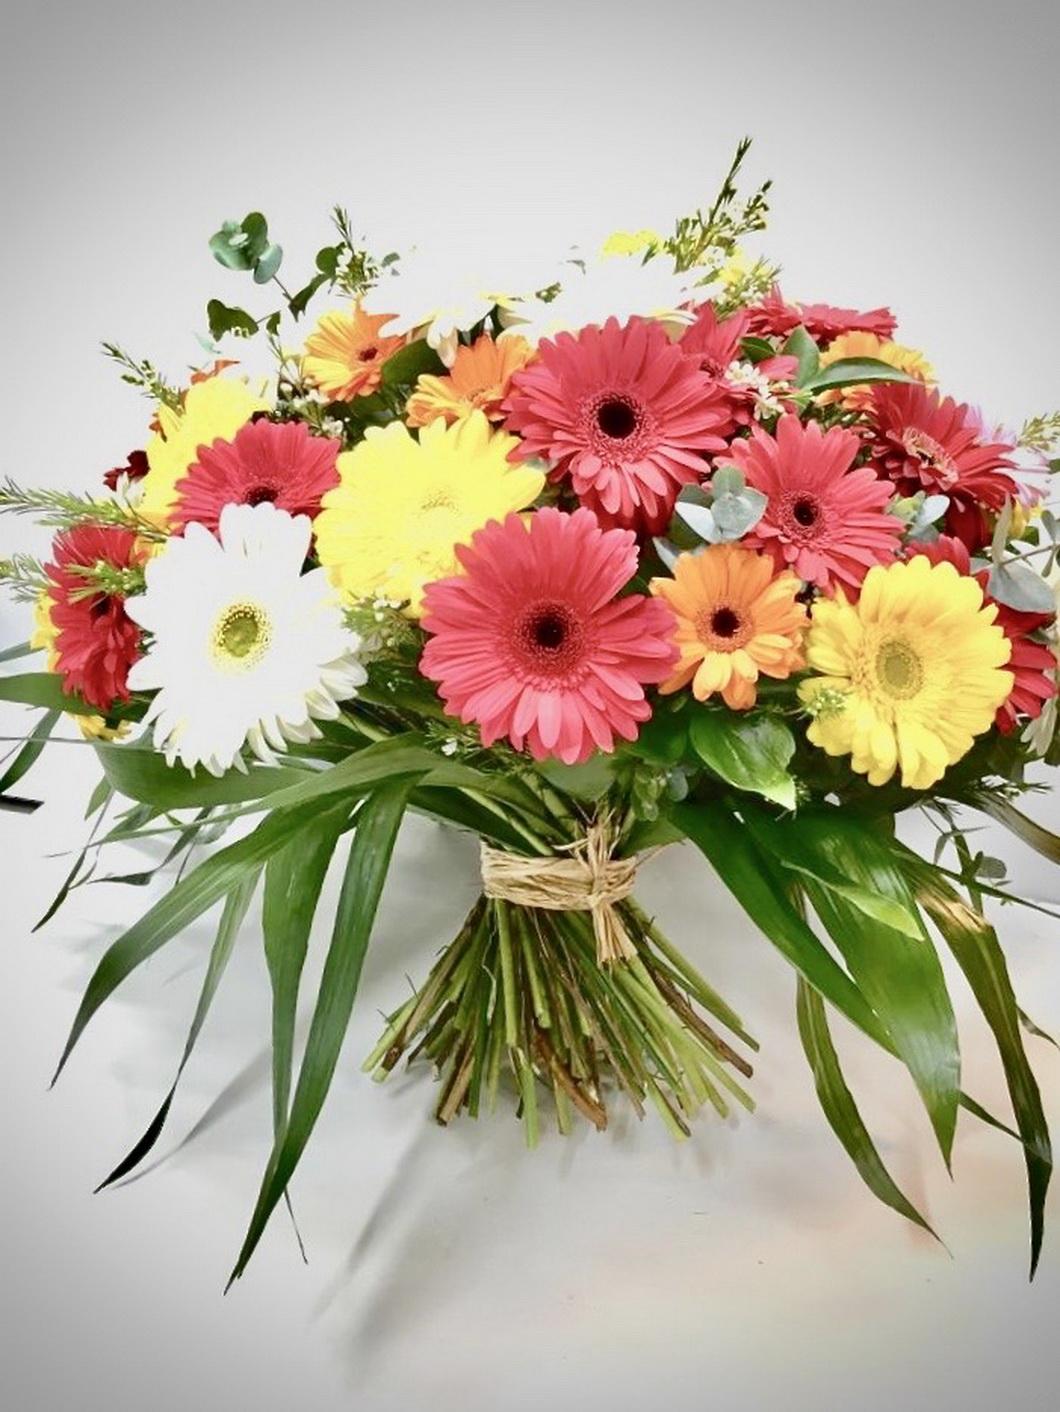 זר של גרברות - אורכידאה פרחים - חדרה